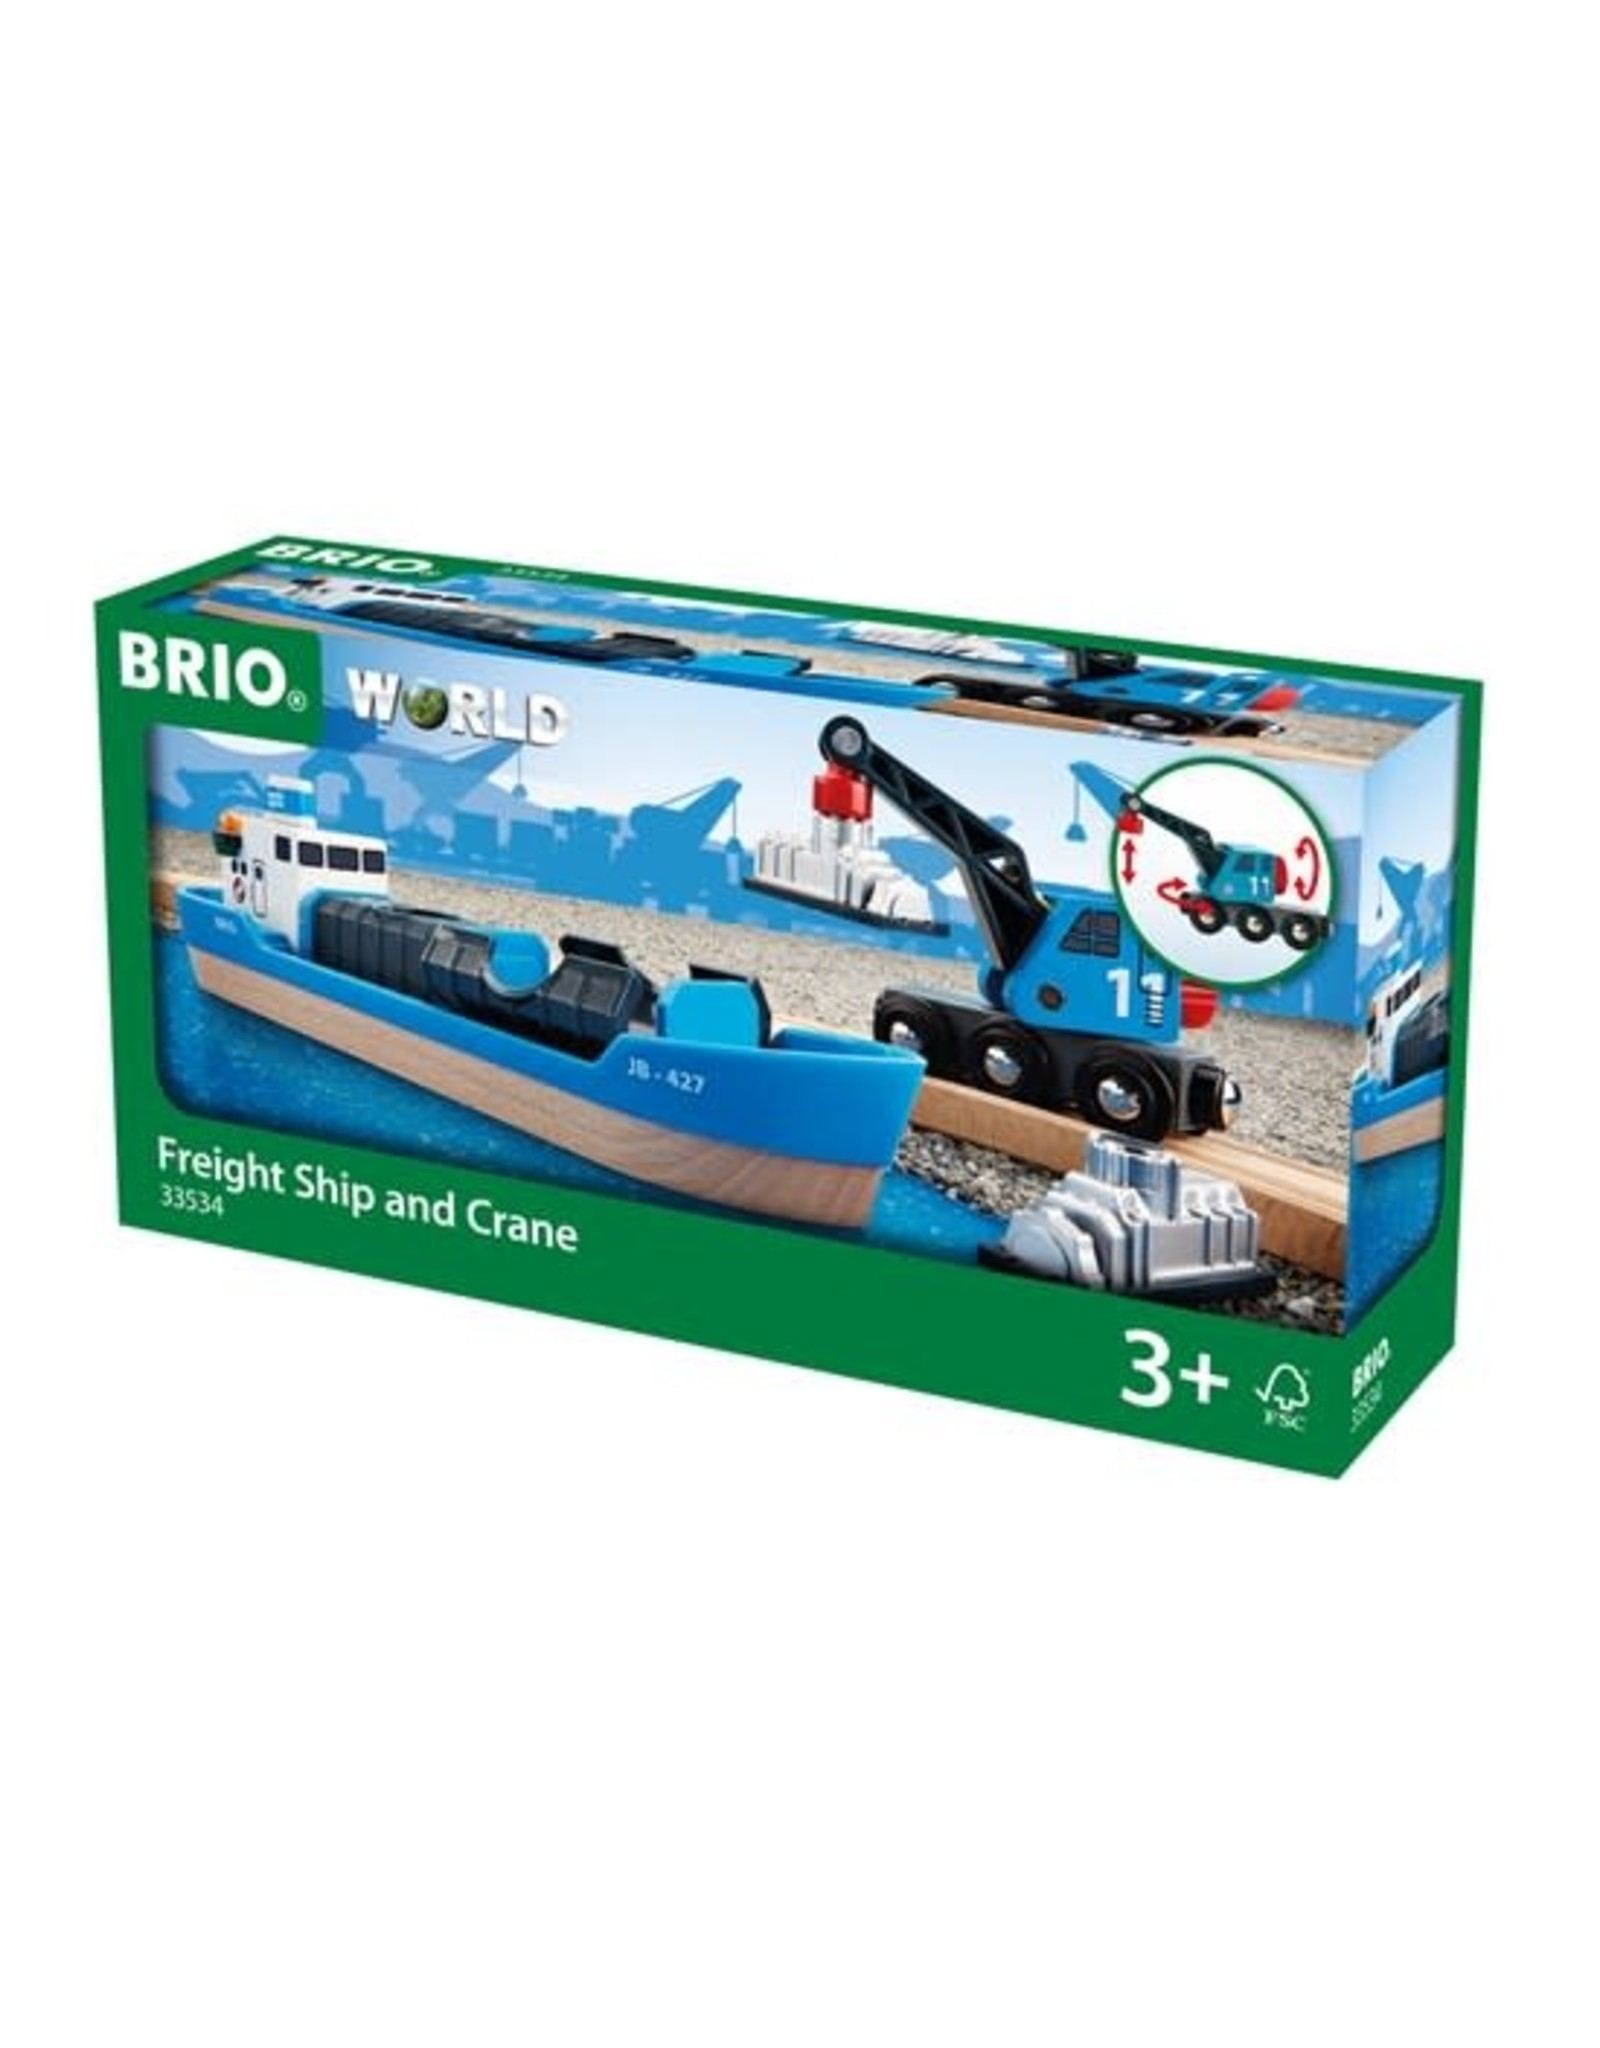 Brio Freight Ship and Crane